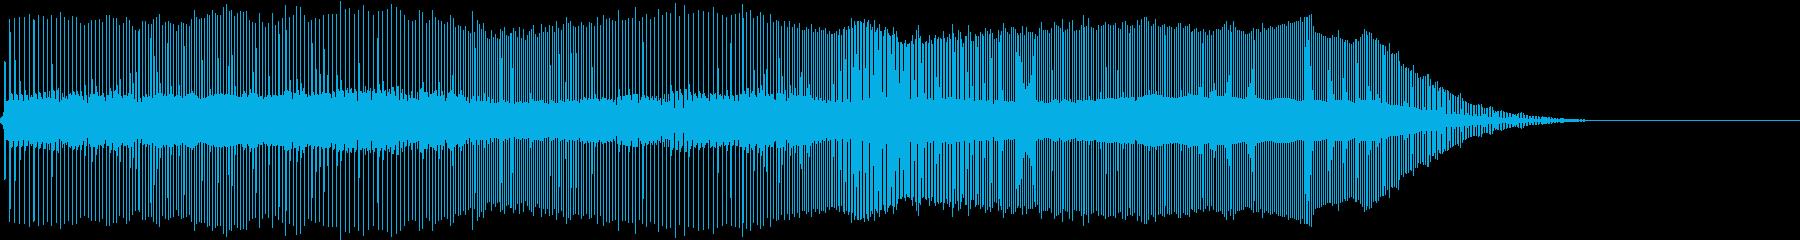 Game 挑発・ブイブイ言わせる様なSEの再生済みの波形